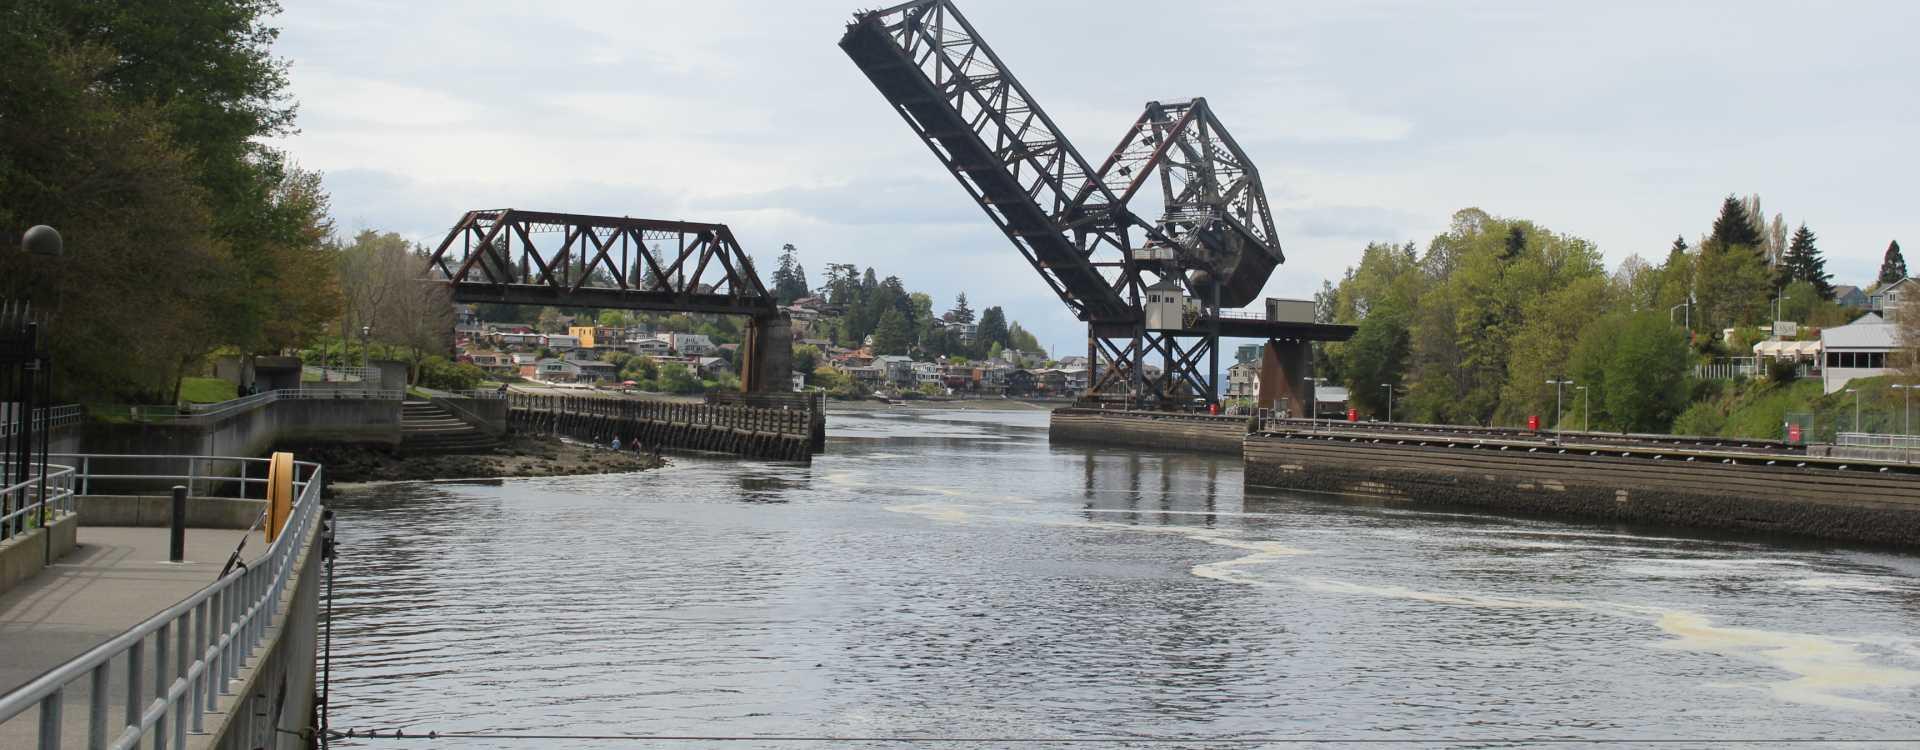 Hiram M. Chittenden Locks in Ballard